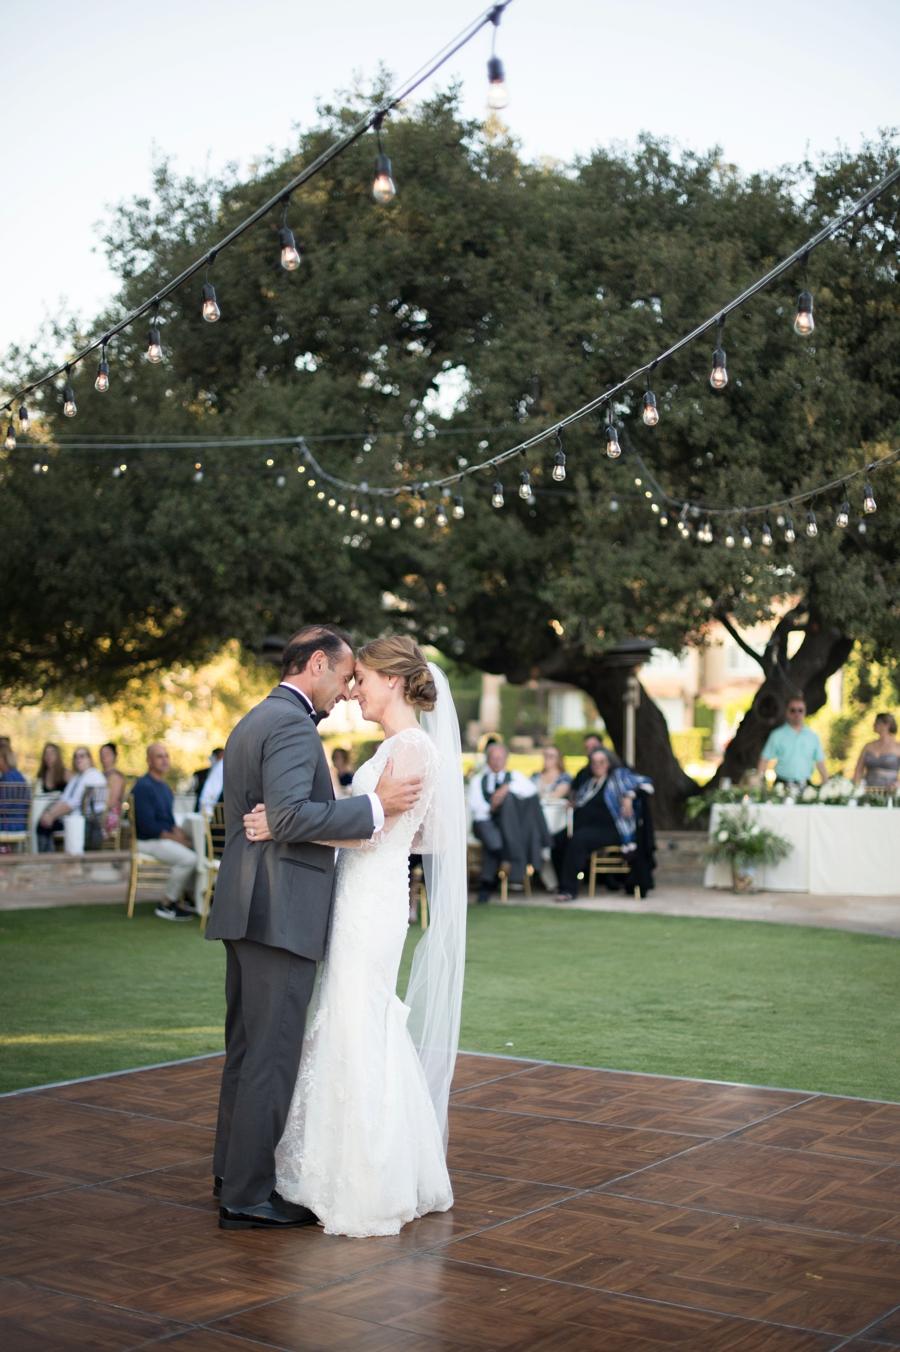 SoCal_Burbank_Hollywood_Wedding_JC_030.jpg